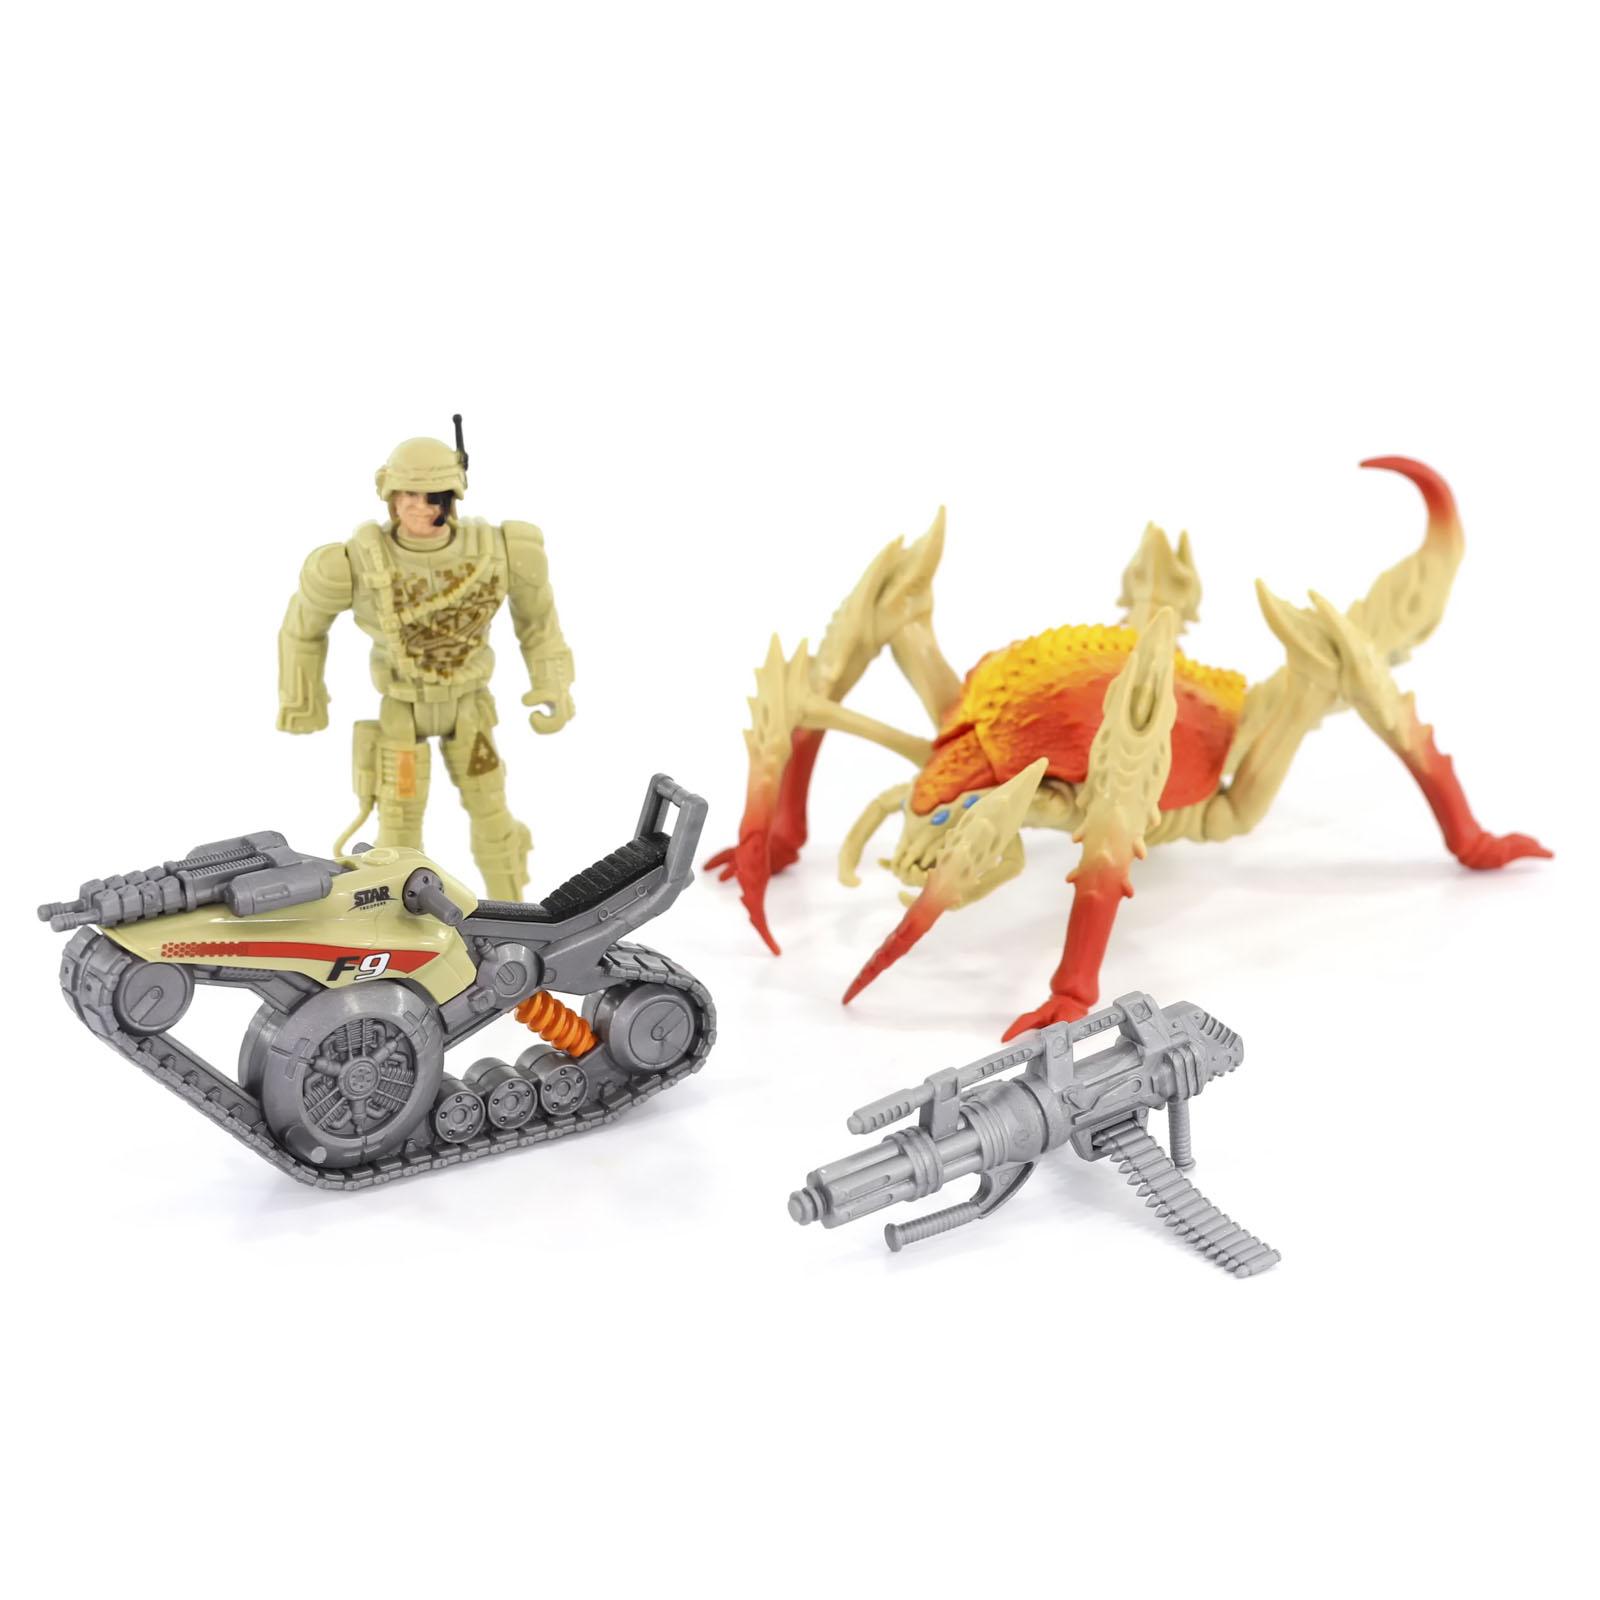 Игровой набор КОСМОС НАШ Бой с монстром Скорпоидом, Монстры Галактики, 16,5 см 38505-1